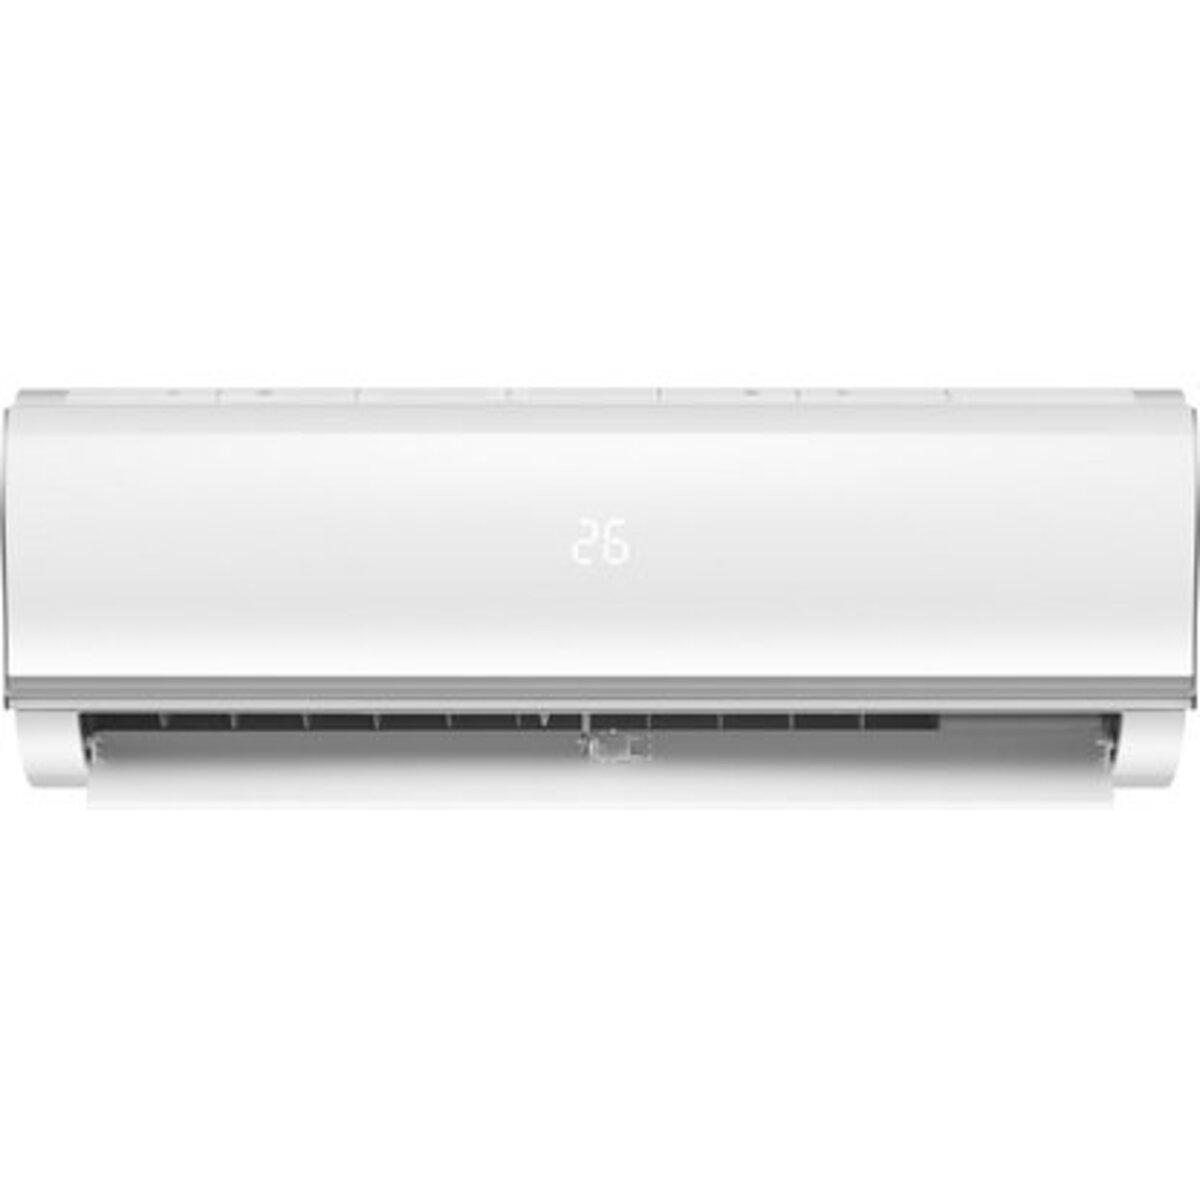 Bild 5 von Comfee Duo Split-Klimagerät 5,6 kW 18.000 BTU EEK: A+